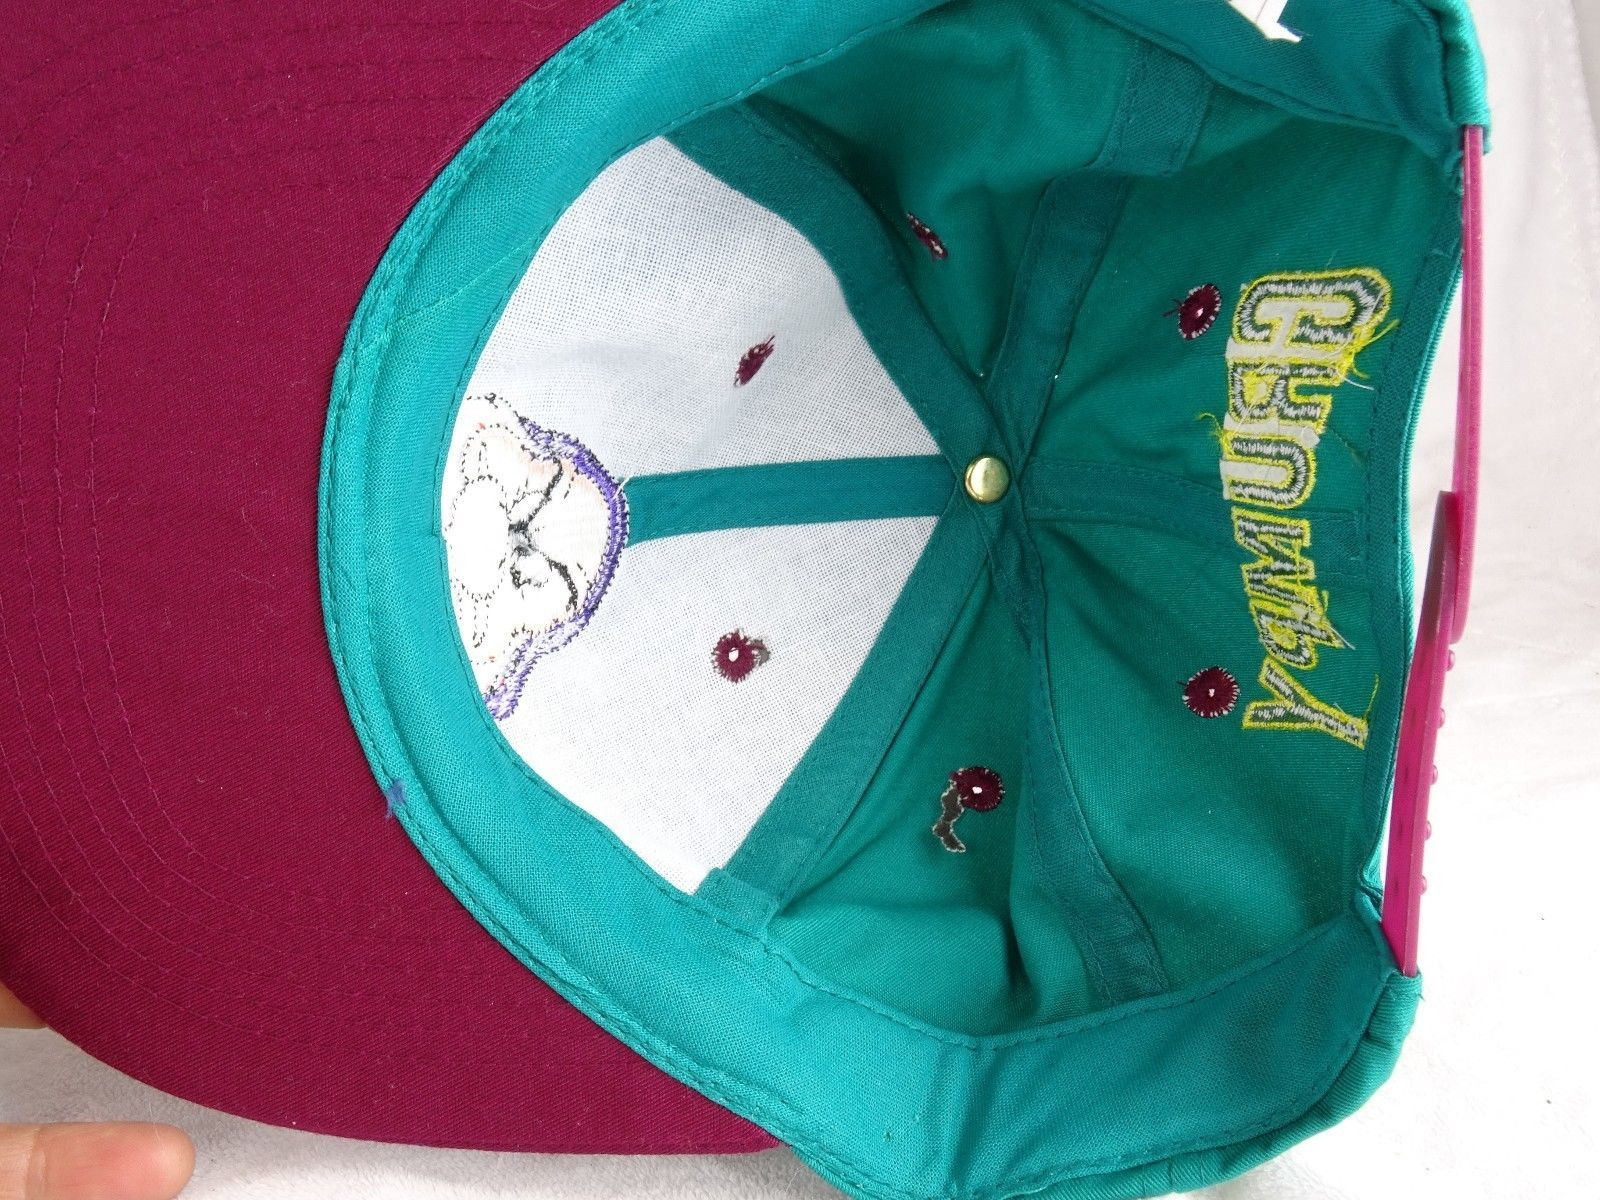 057a705e6d3 Walt Disney GRUMPY Snow White   Seven Dwarfs YOUTH Baseball Hat Green VTG  90s